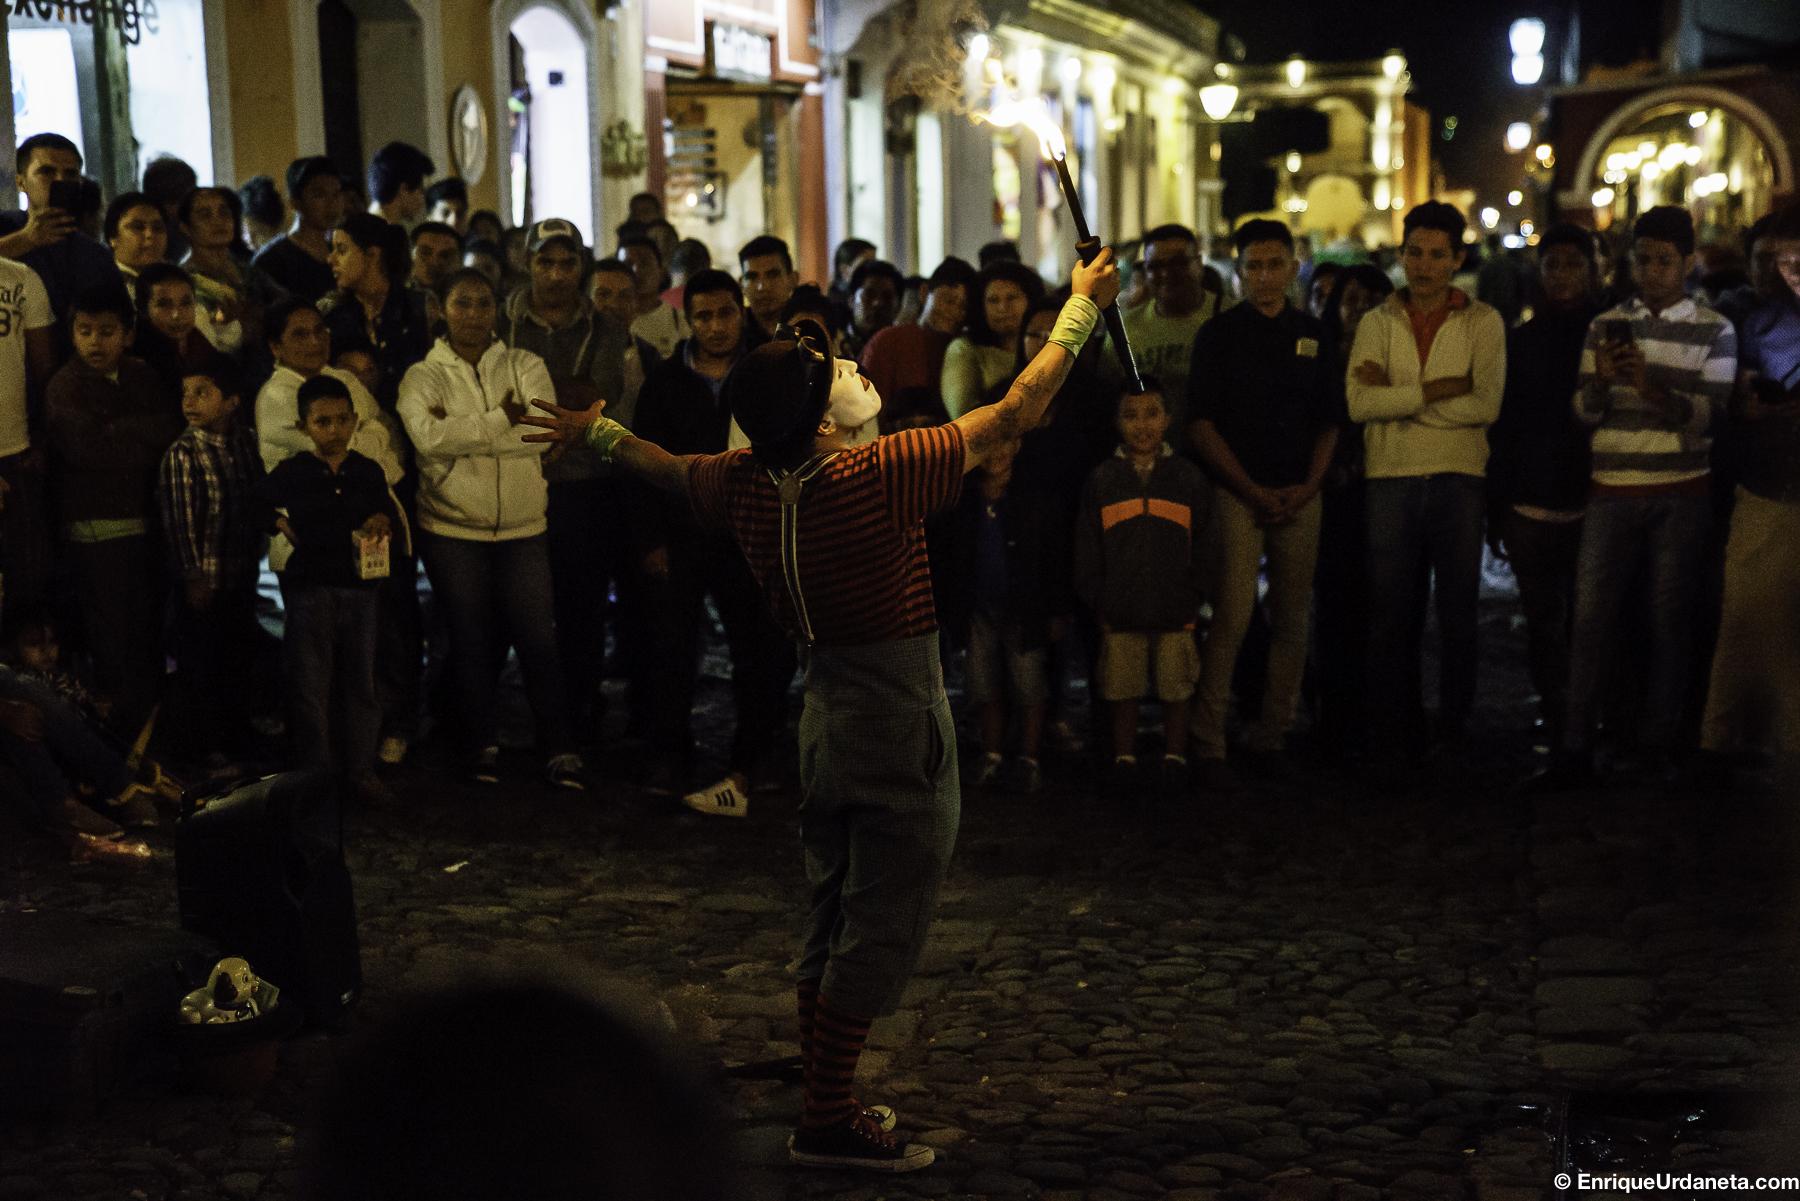 Talentosos artistas abundaban en la calle demostrando sus habilidades